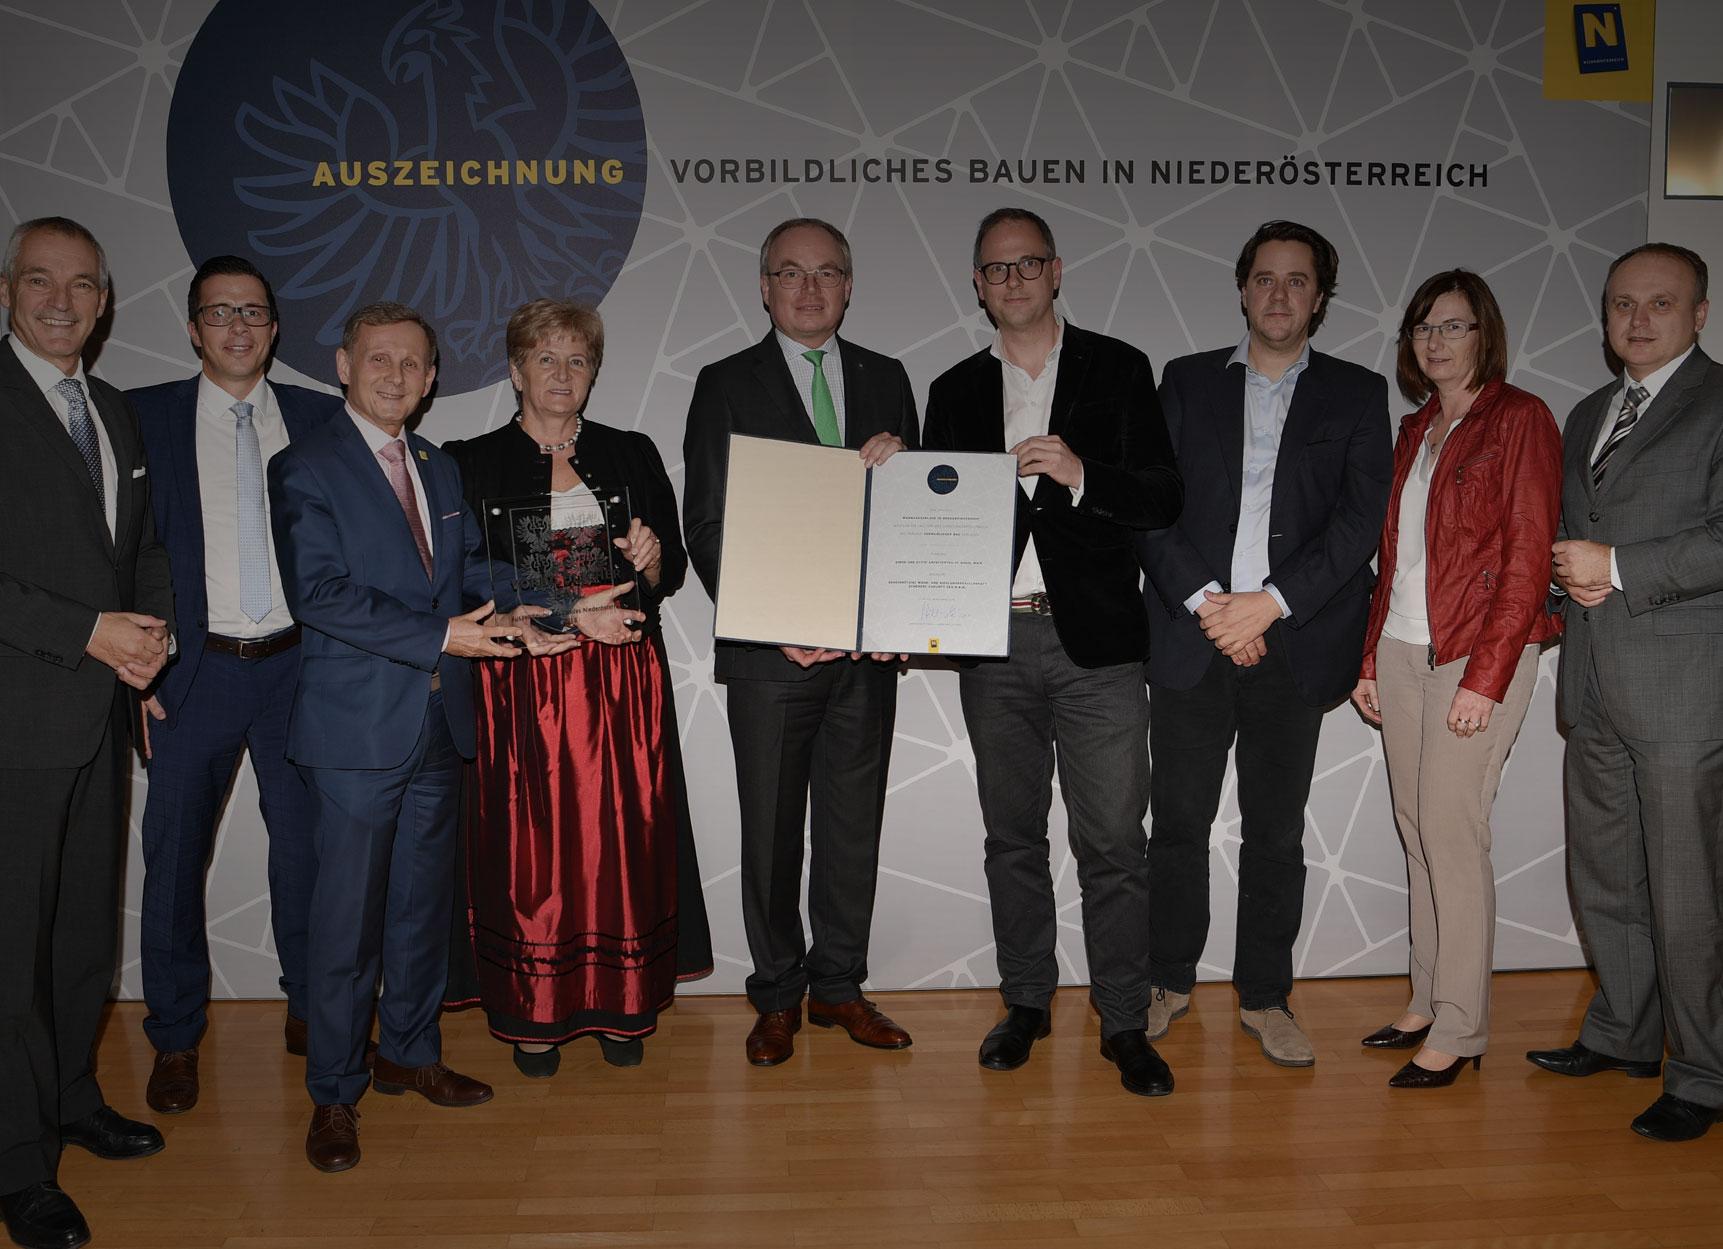 Anerkennungen für vorbildliche Bauten in Niederösterreich